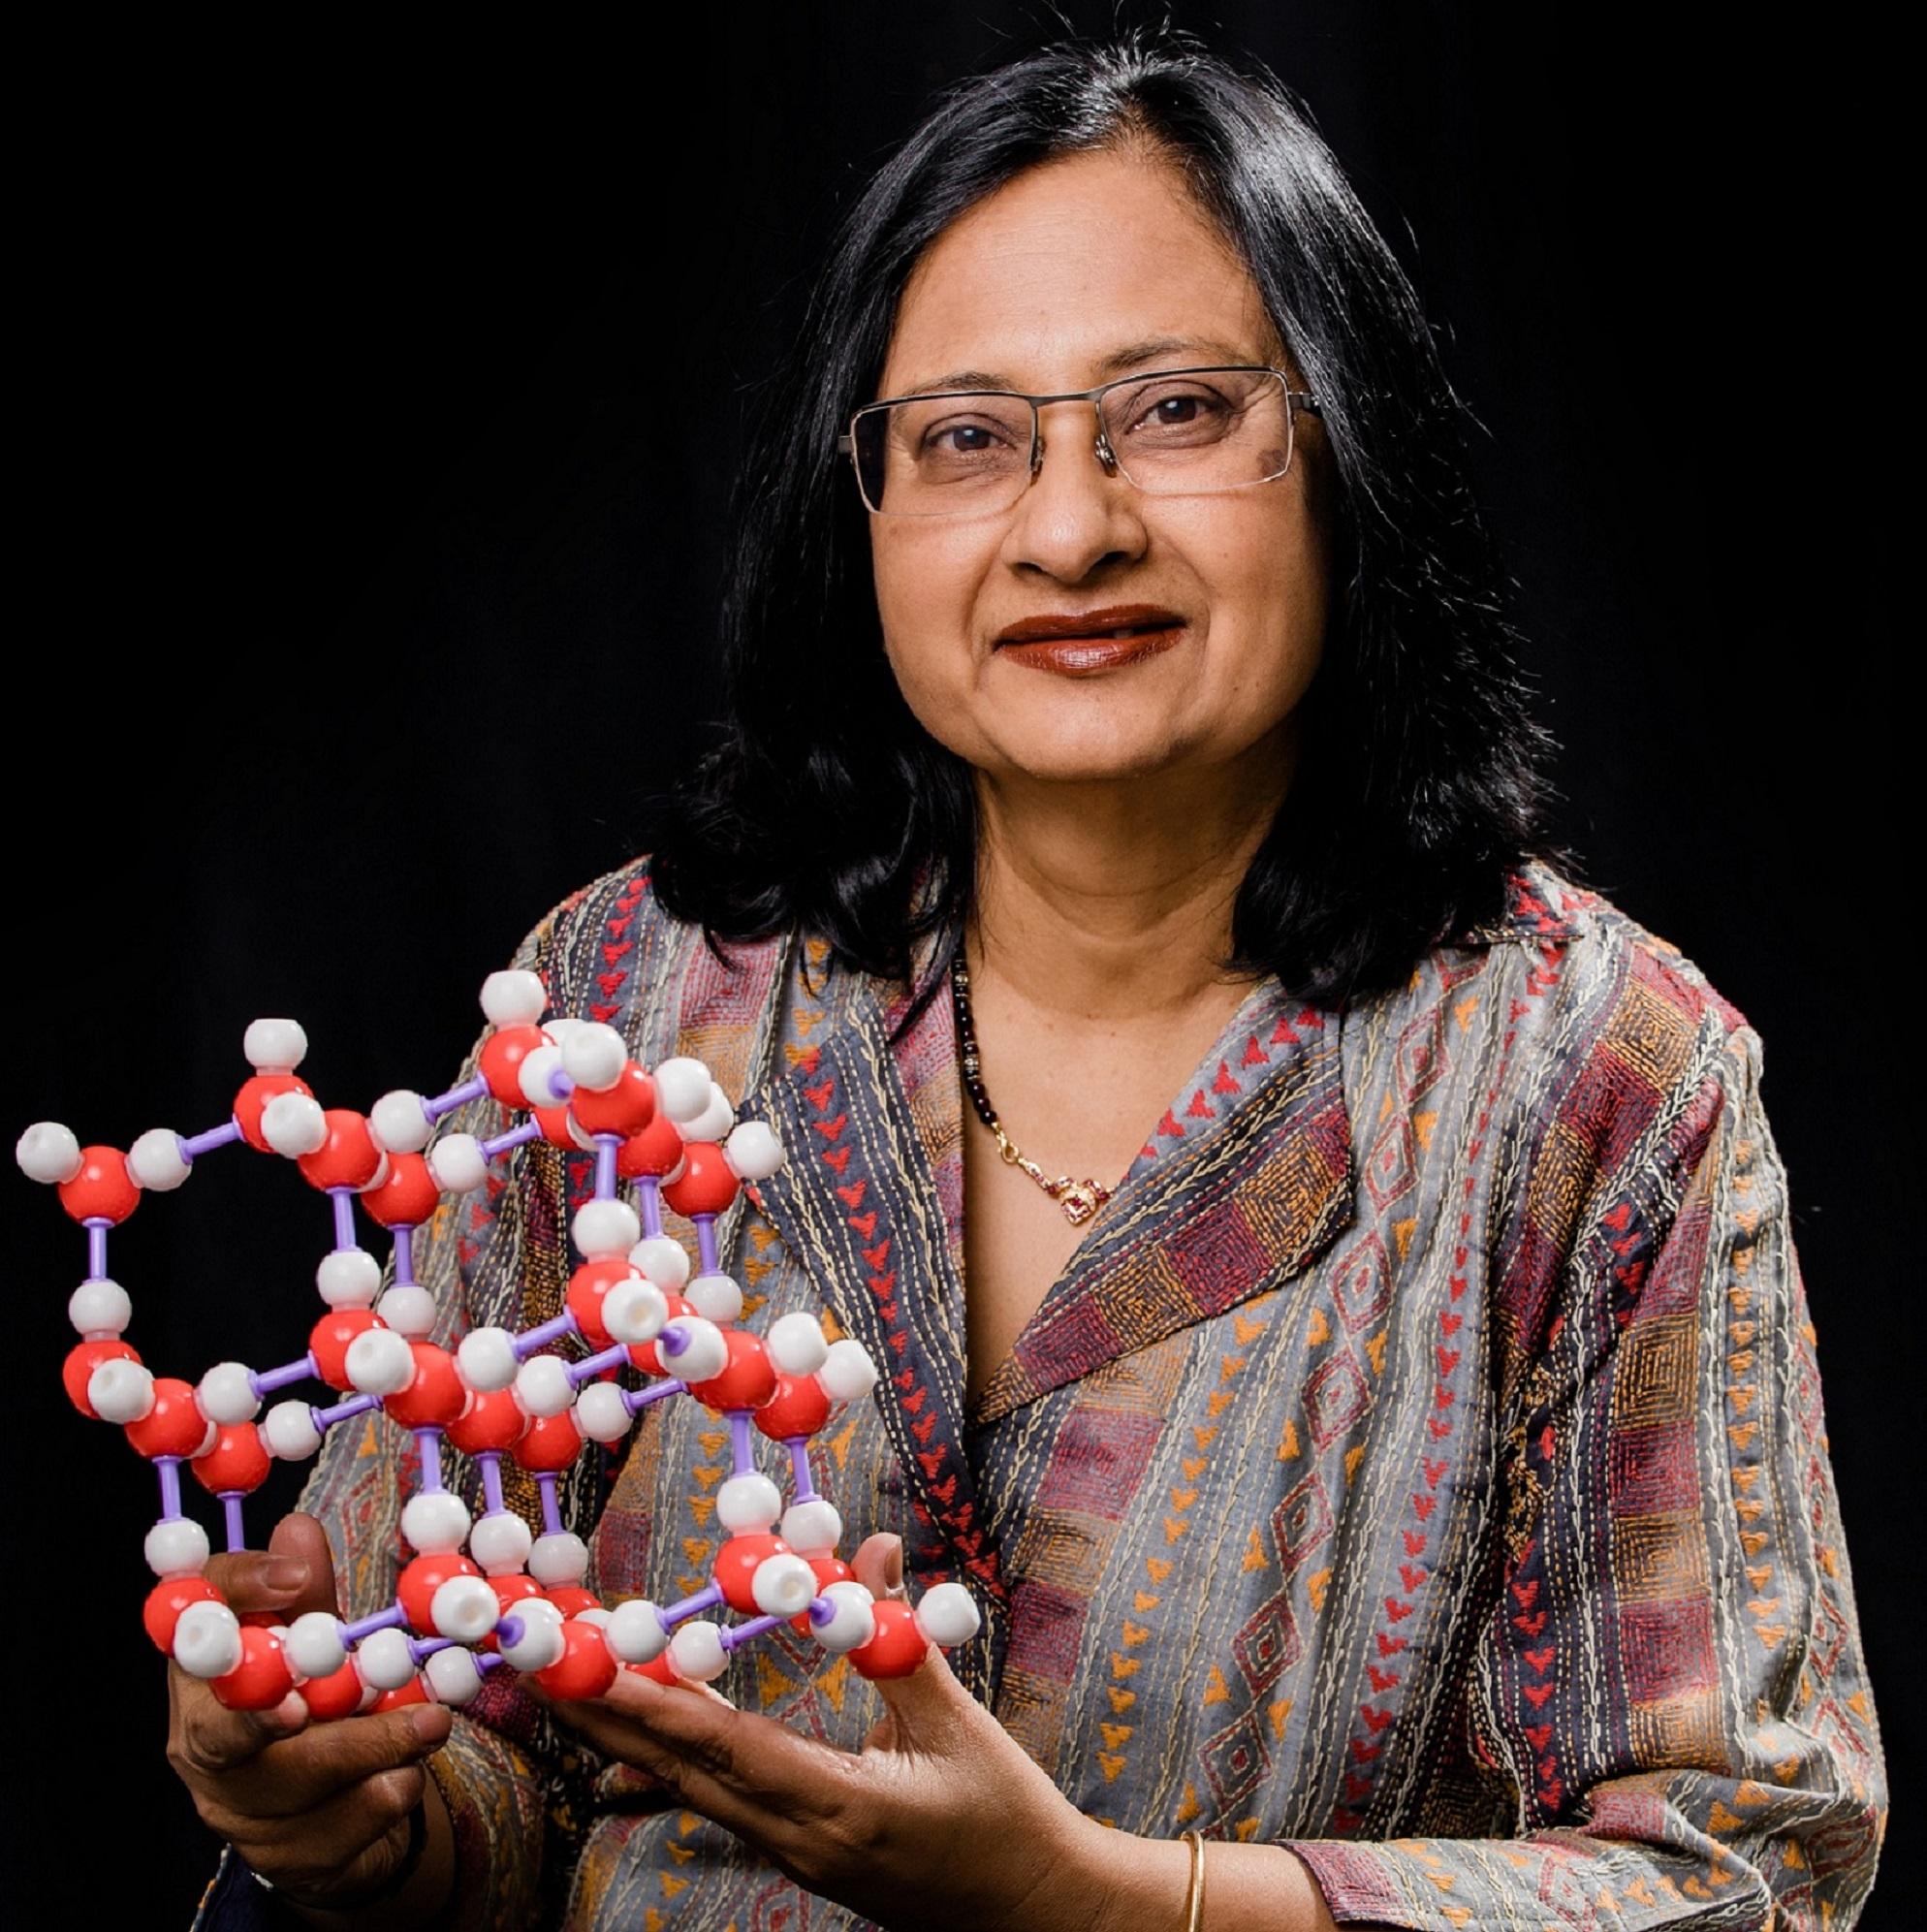 Sharmistha Basu-Dutt